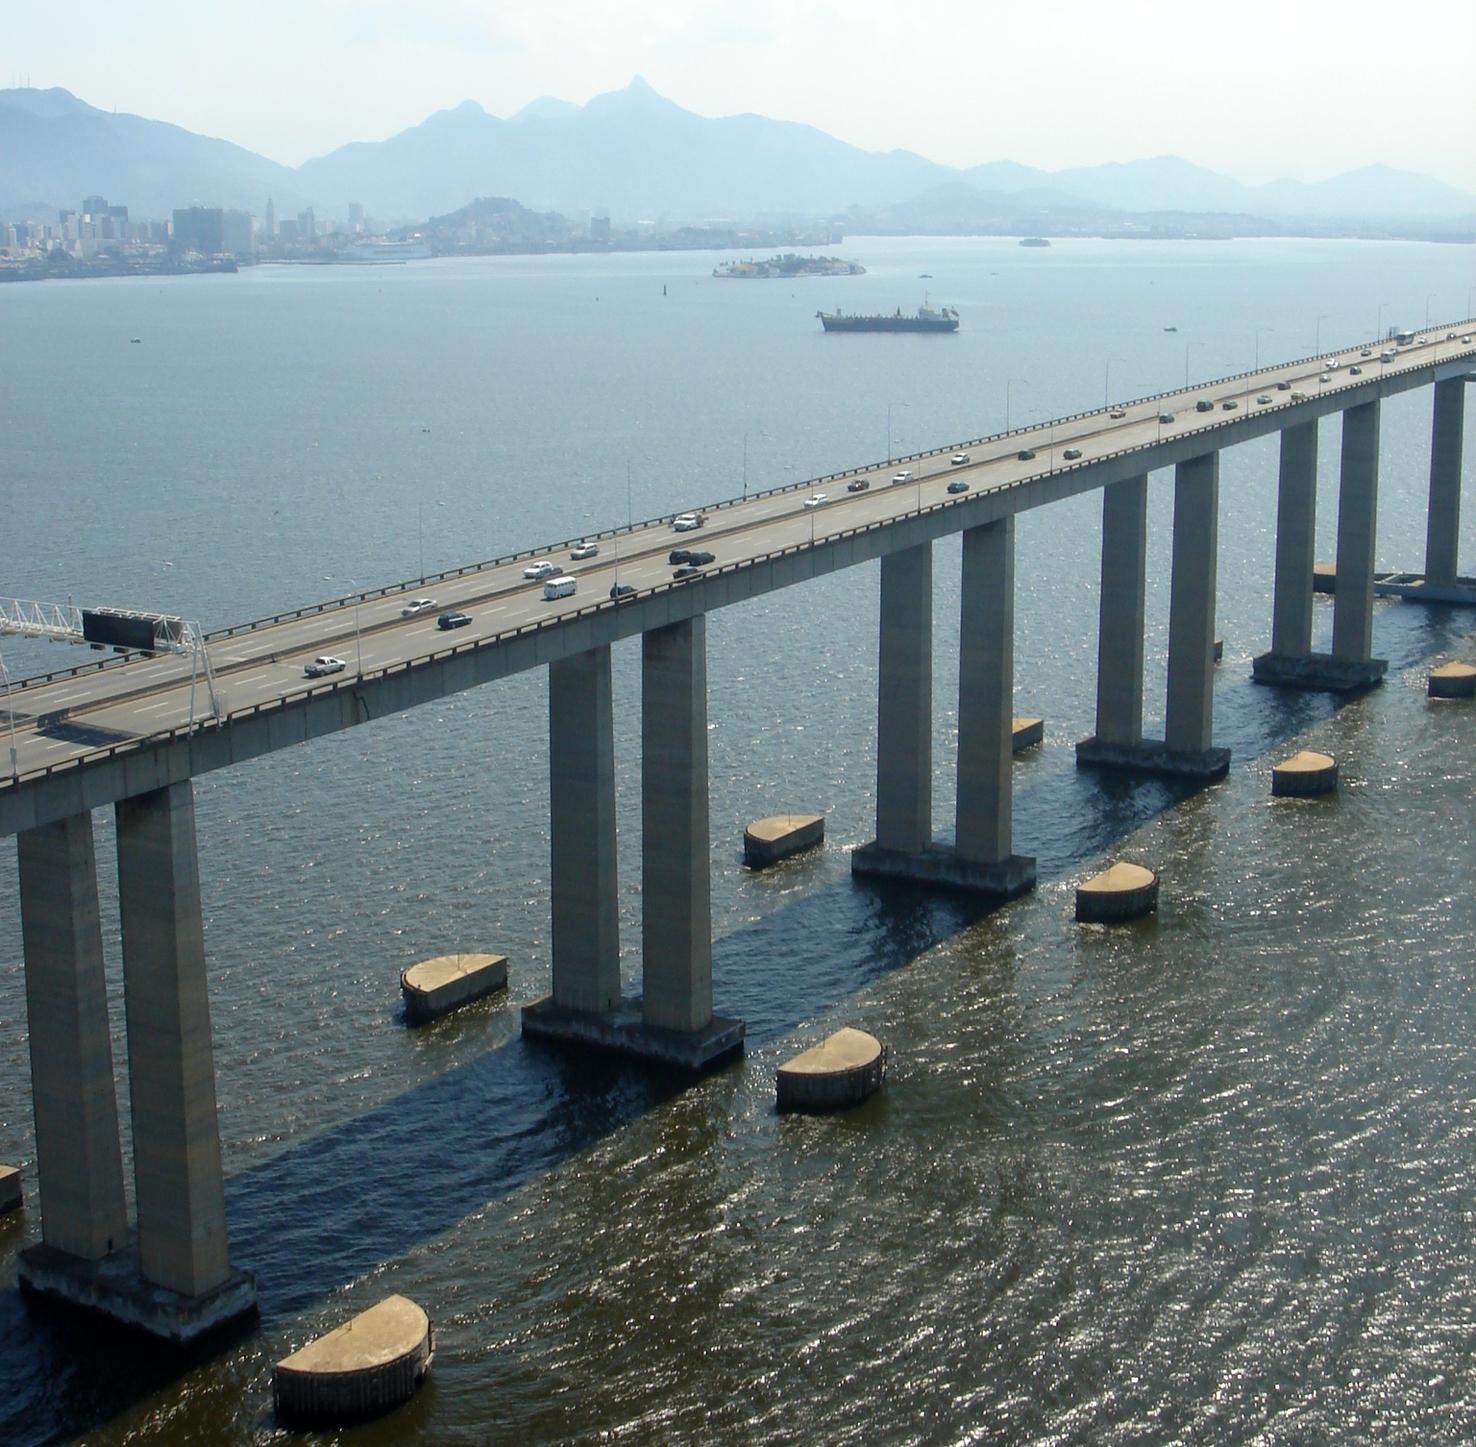 Artigo: O sequestro na ponte Rio-Niterói e suas lições de proteção para o dia a dia